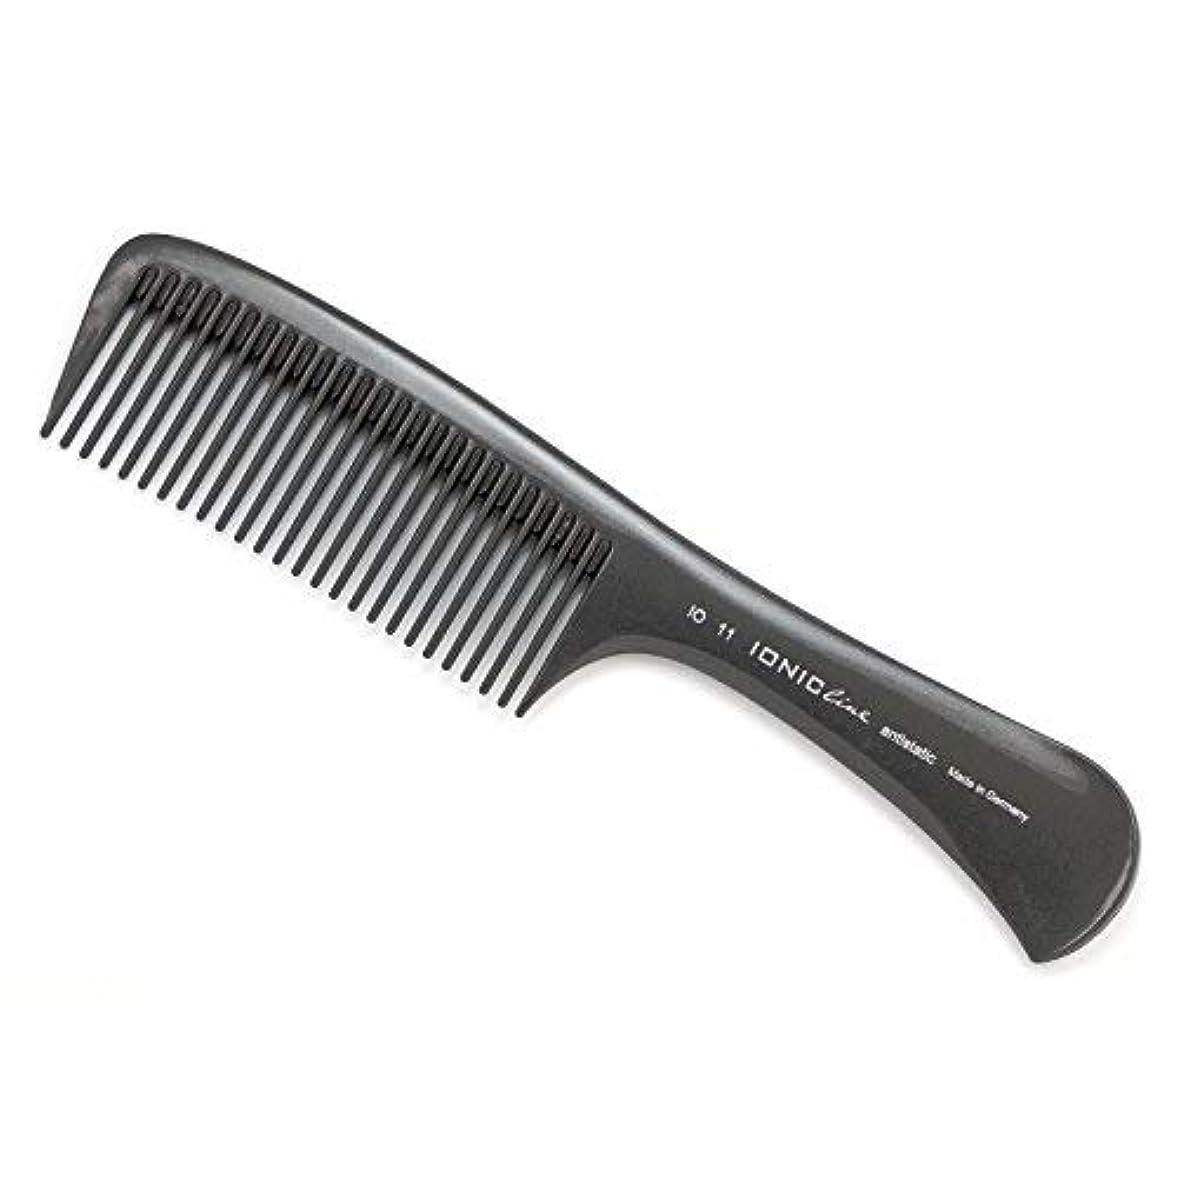 ペネロペ煙突プレフィックスHercules S?gemann IONIC Line Handle Comb, Big Working Comb   Ionized Thermoplastic - Made in Germany [並行輸入品]